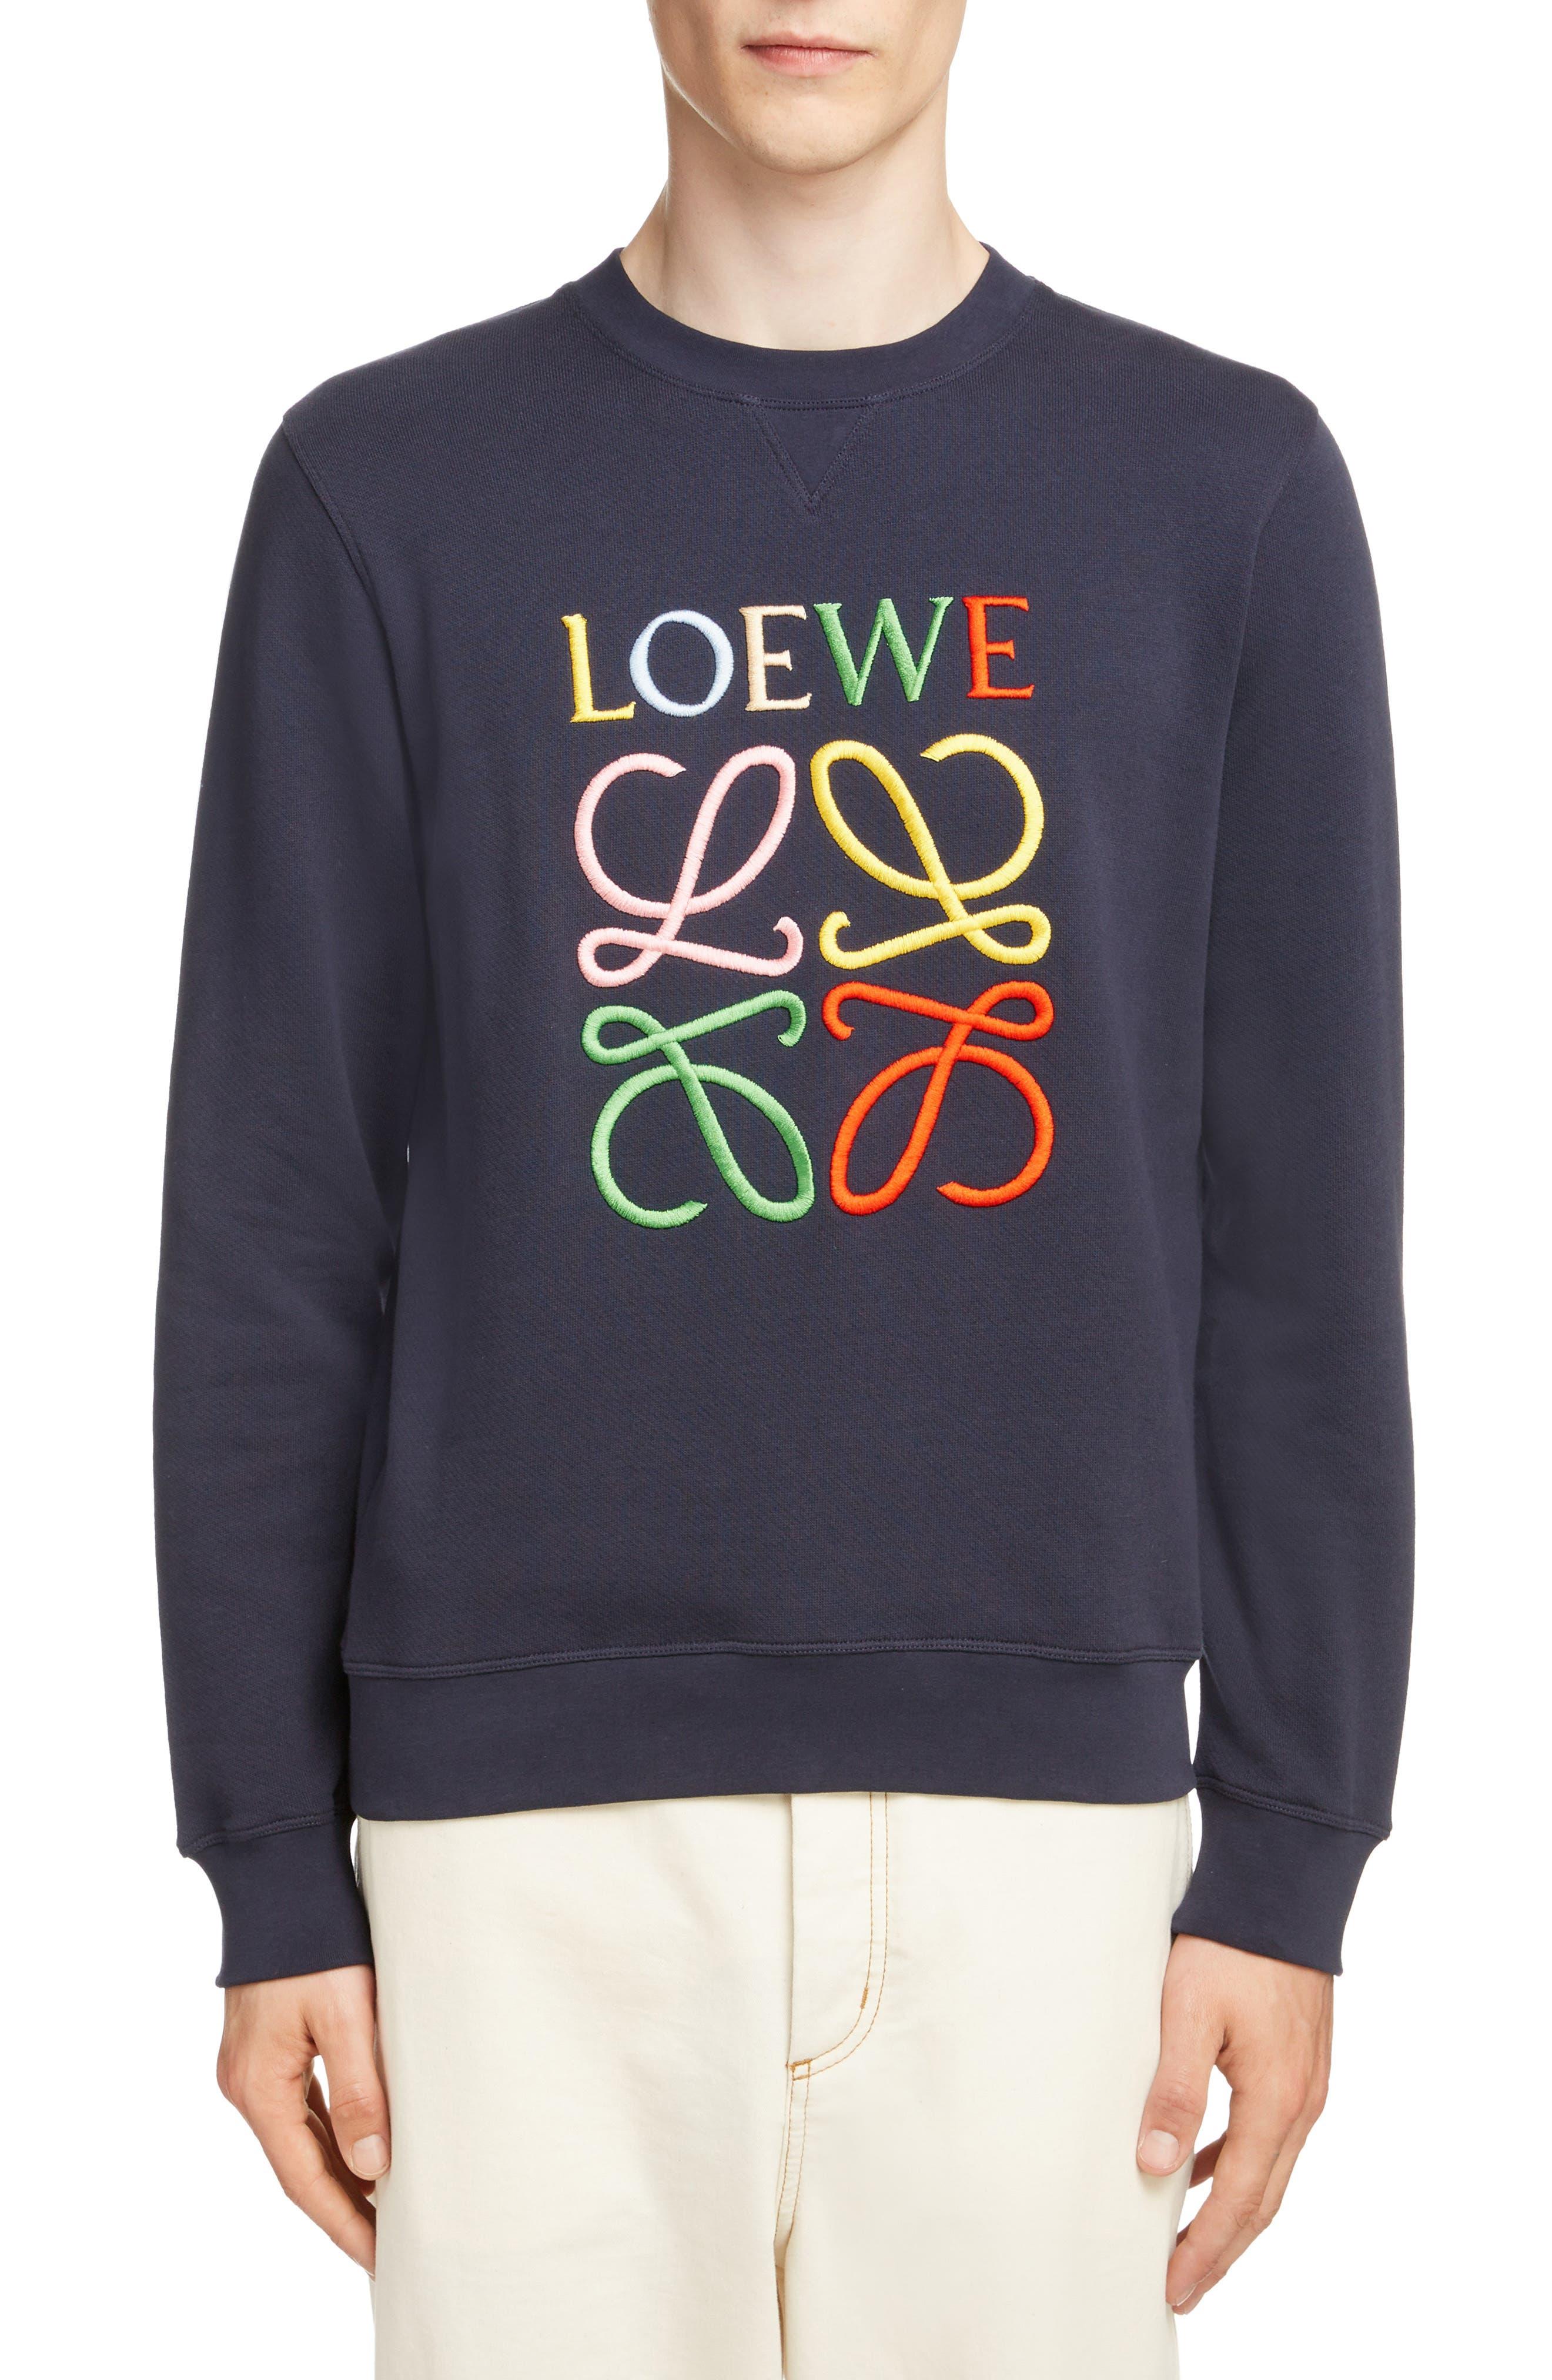 LOEWE Anagram Sweatshirt, Main, color, 5387-NAVY BLUE/ MULTICOLOR